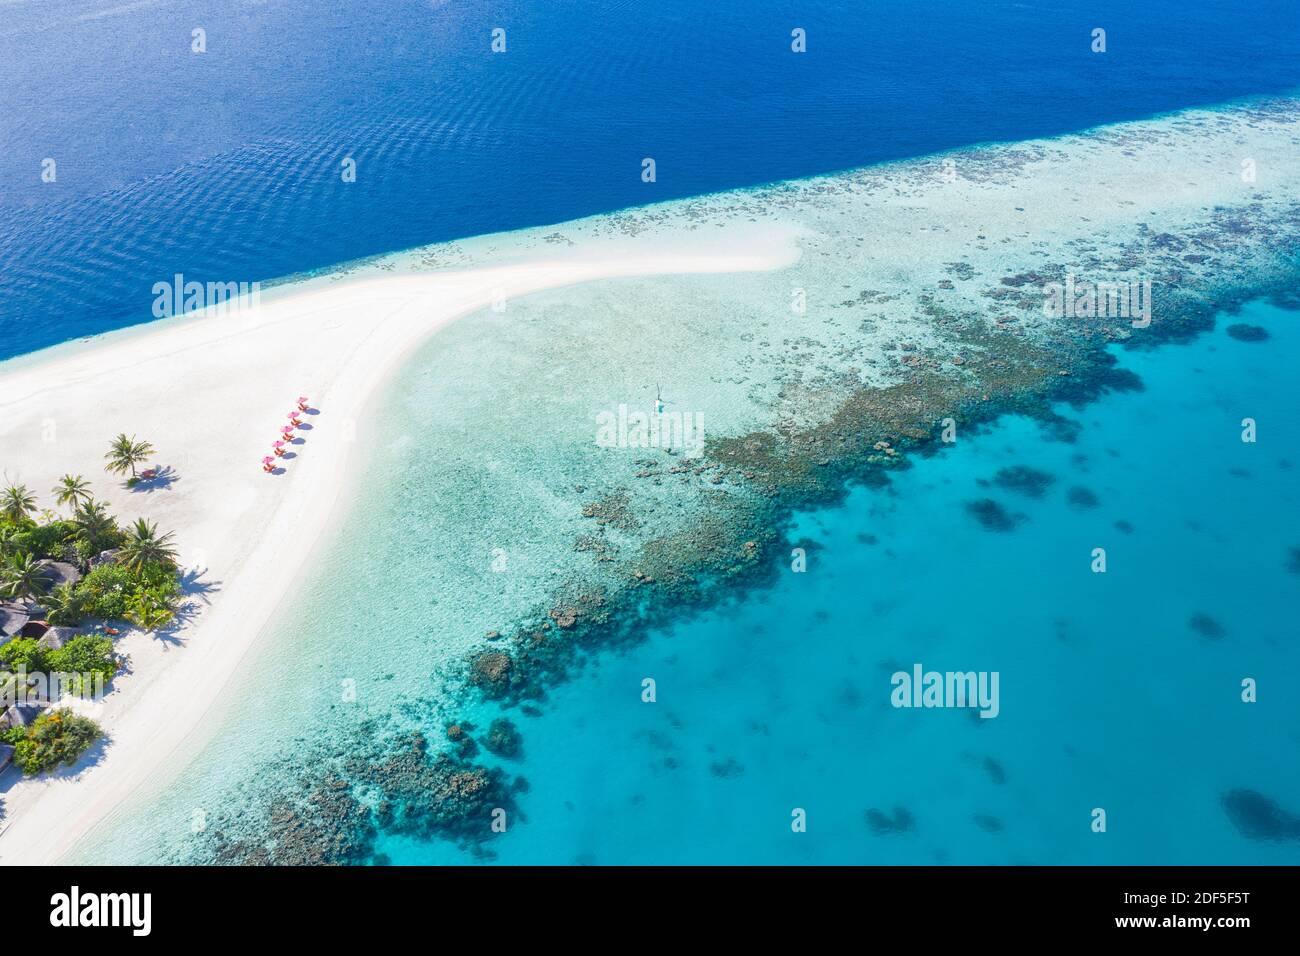 Atemberaubende Luftlandschaft auf den Malediven. Perfekte Aussicht auf das blaue Meer und das Korallenriff von der Drohne oder vom Flugzeug. Exotische Sommer Reise und Urlaubslandschaft Stockfoto